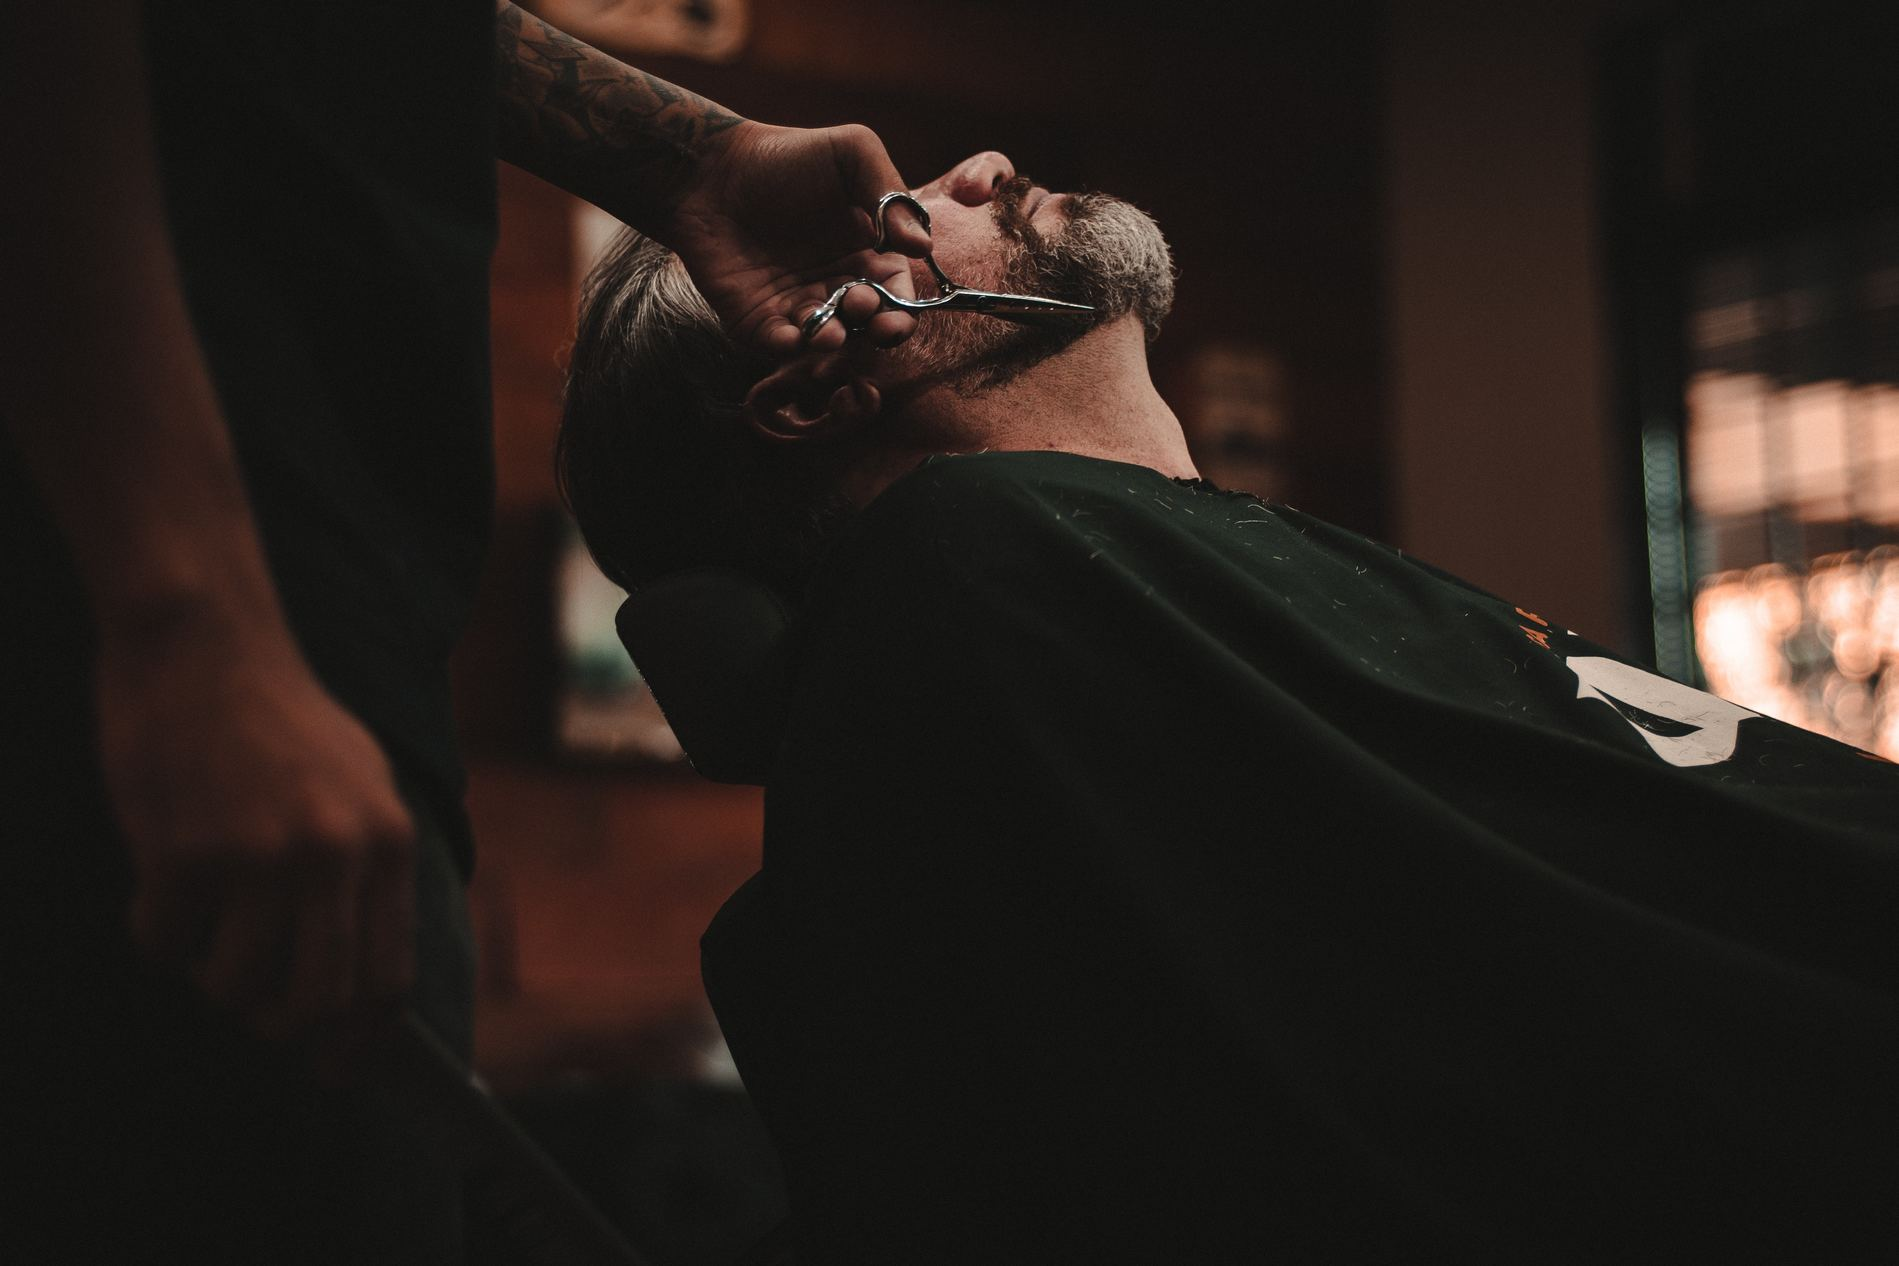 möblum-La_barbería_y_tu_estilo-barbería-estilo-sillones_de_piel-sillas-muebles-mármol(2)